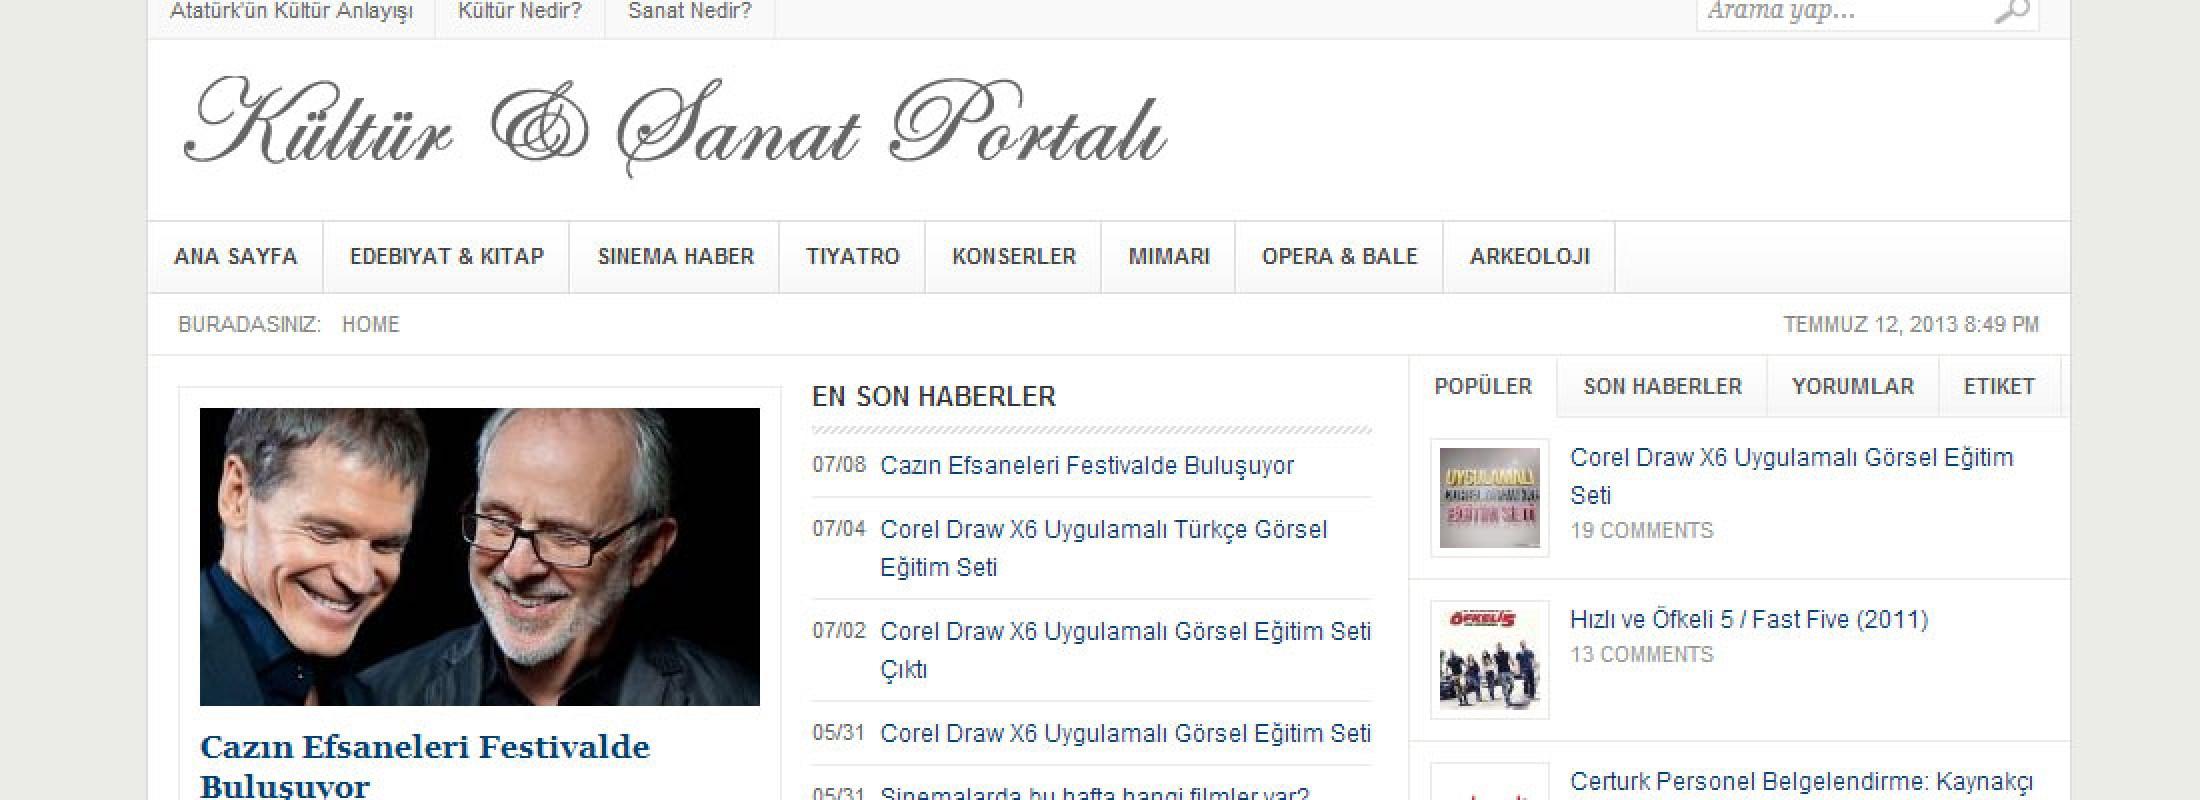 Kültür Sanat Portalı